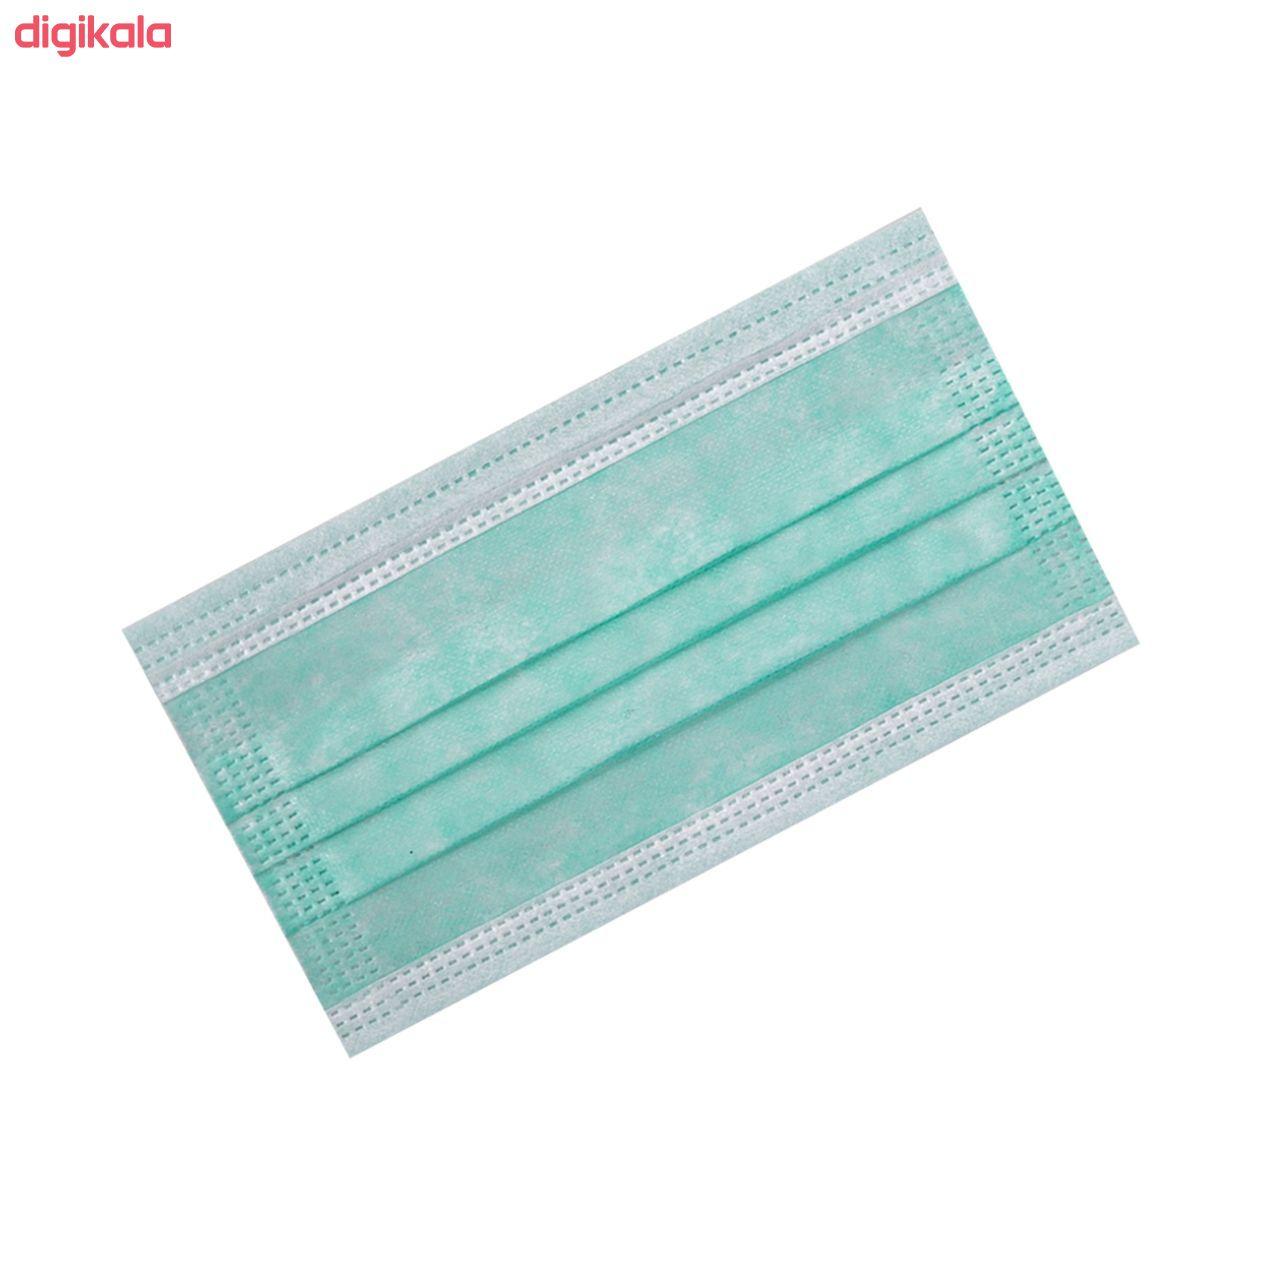 ماسک تنفسی انزانی مدل LG12 بسته 50 عددی main 1 2